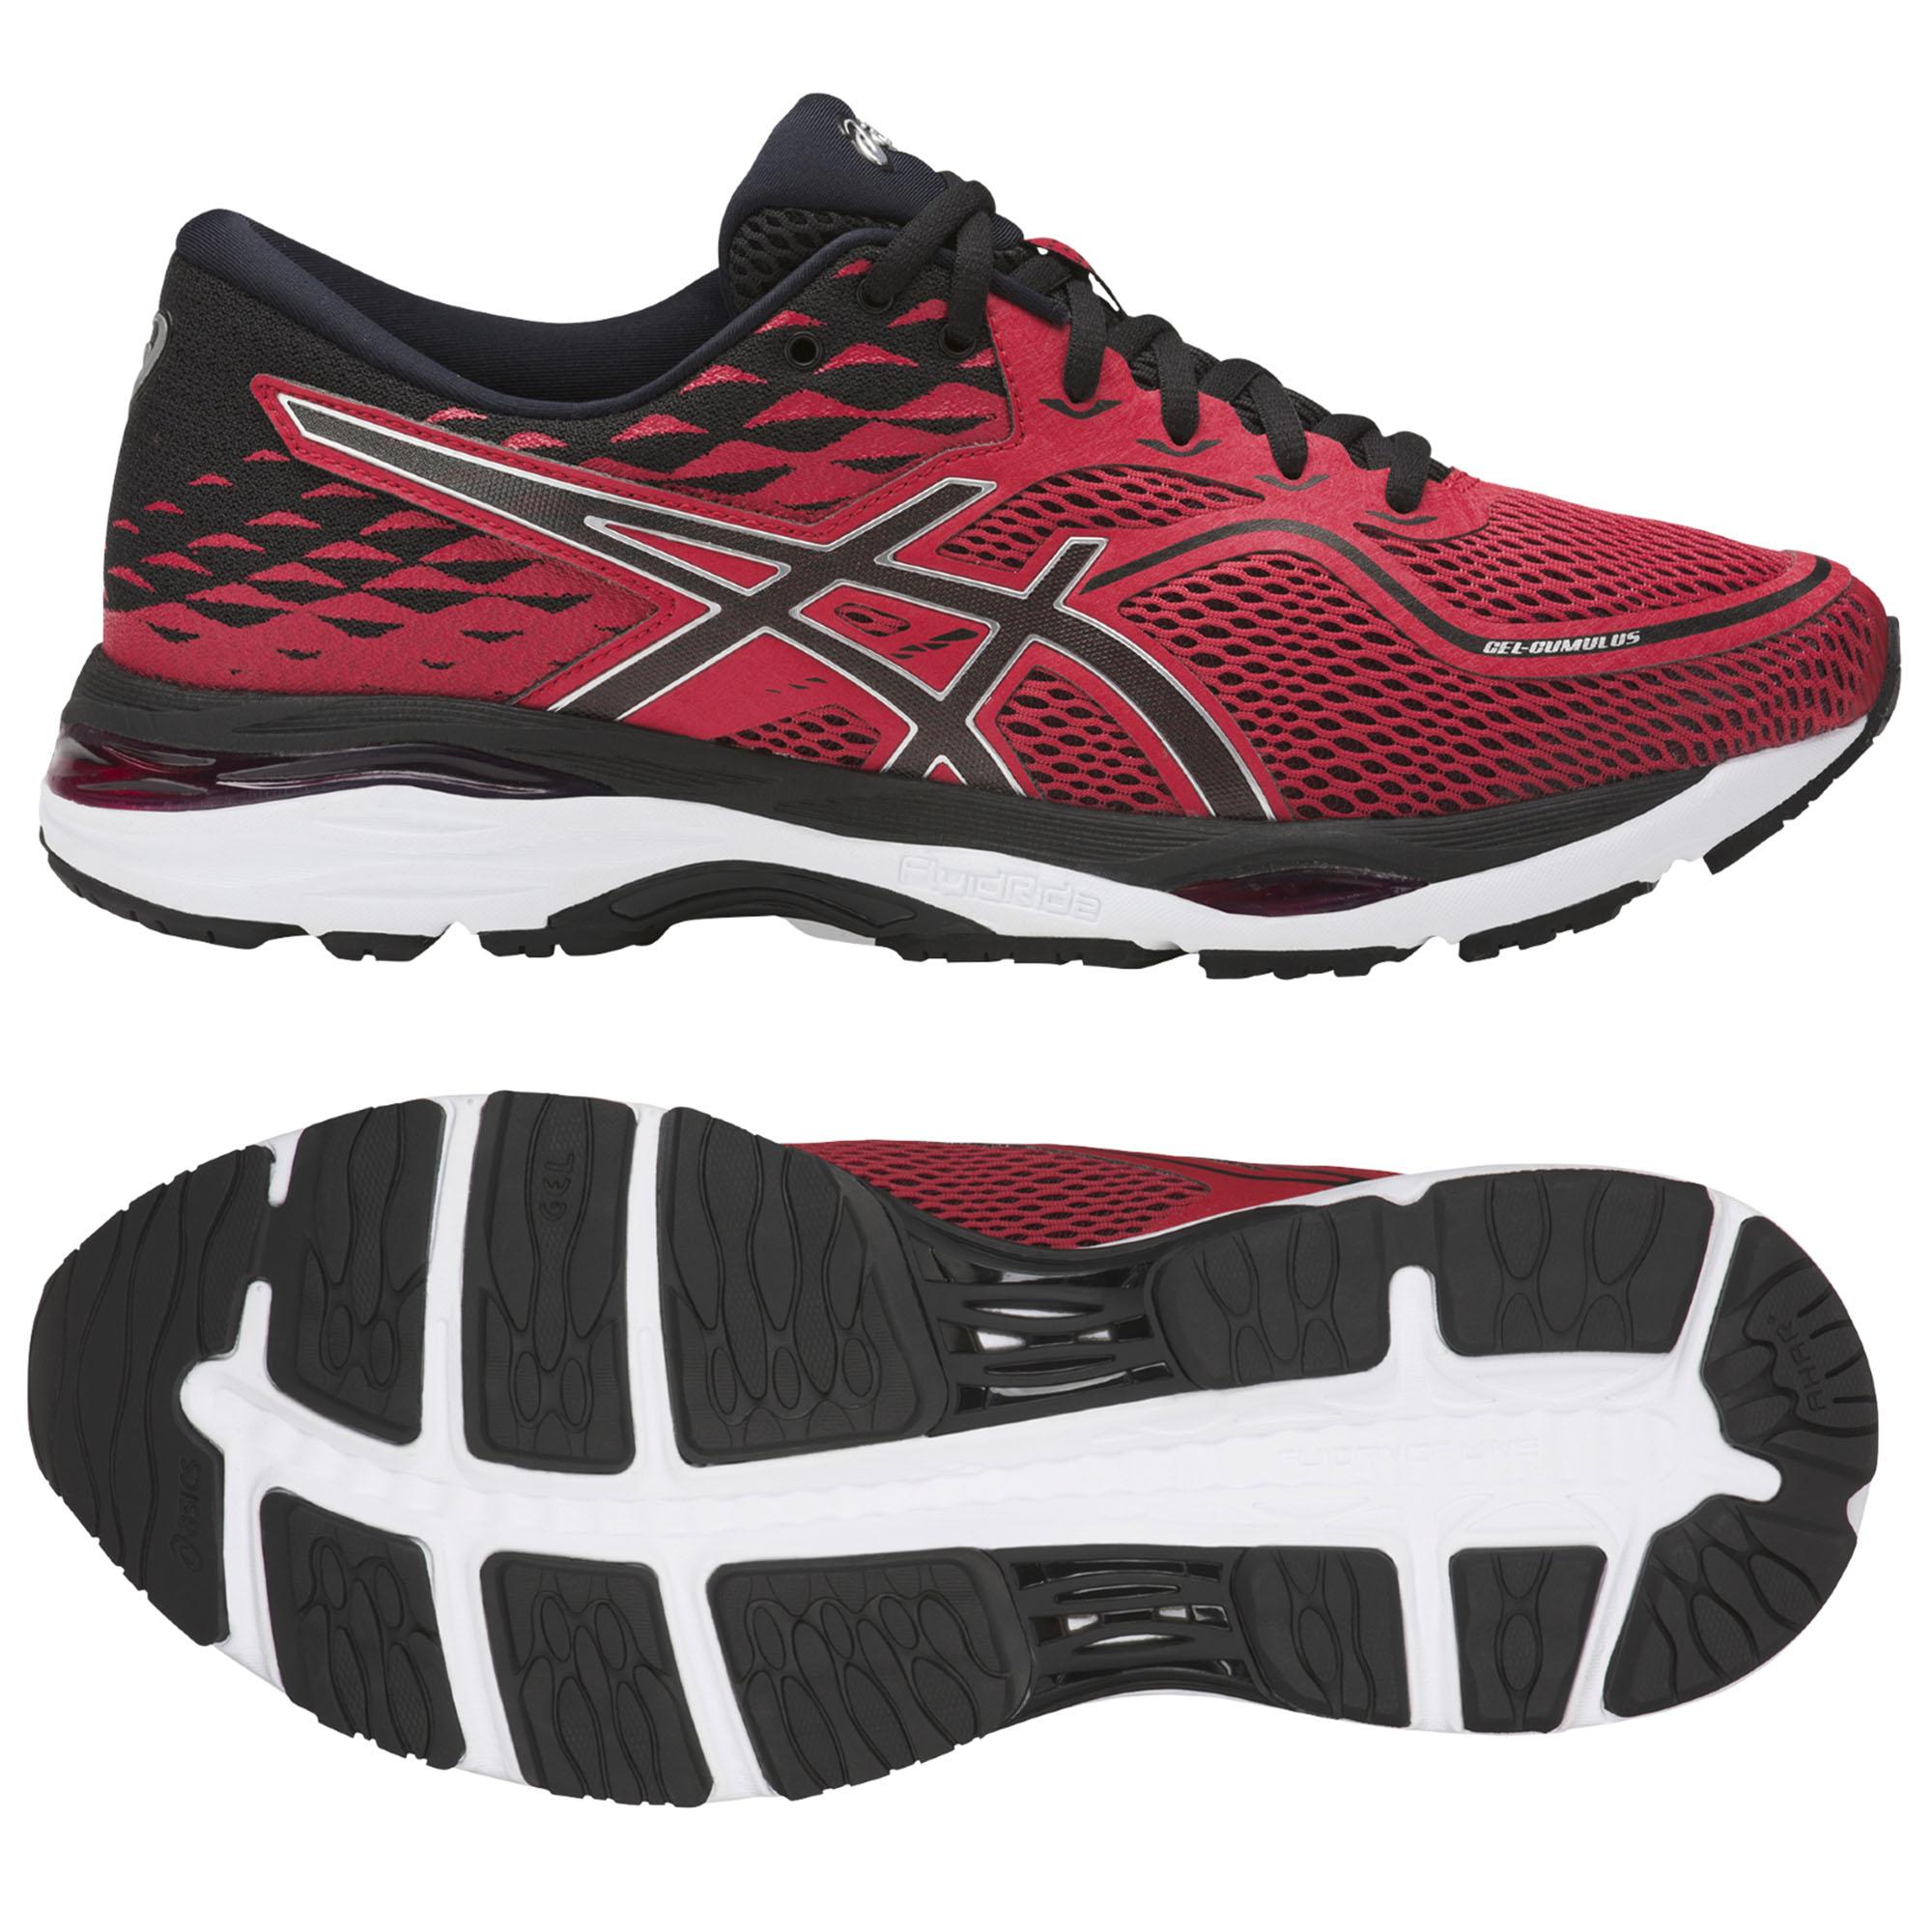 Asics GelCumulus 19 Mens Running Shoes  RedBlack 9 UK